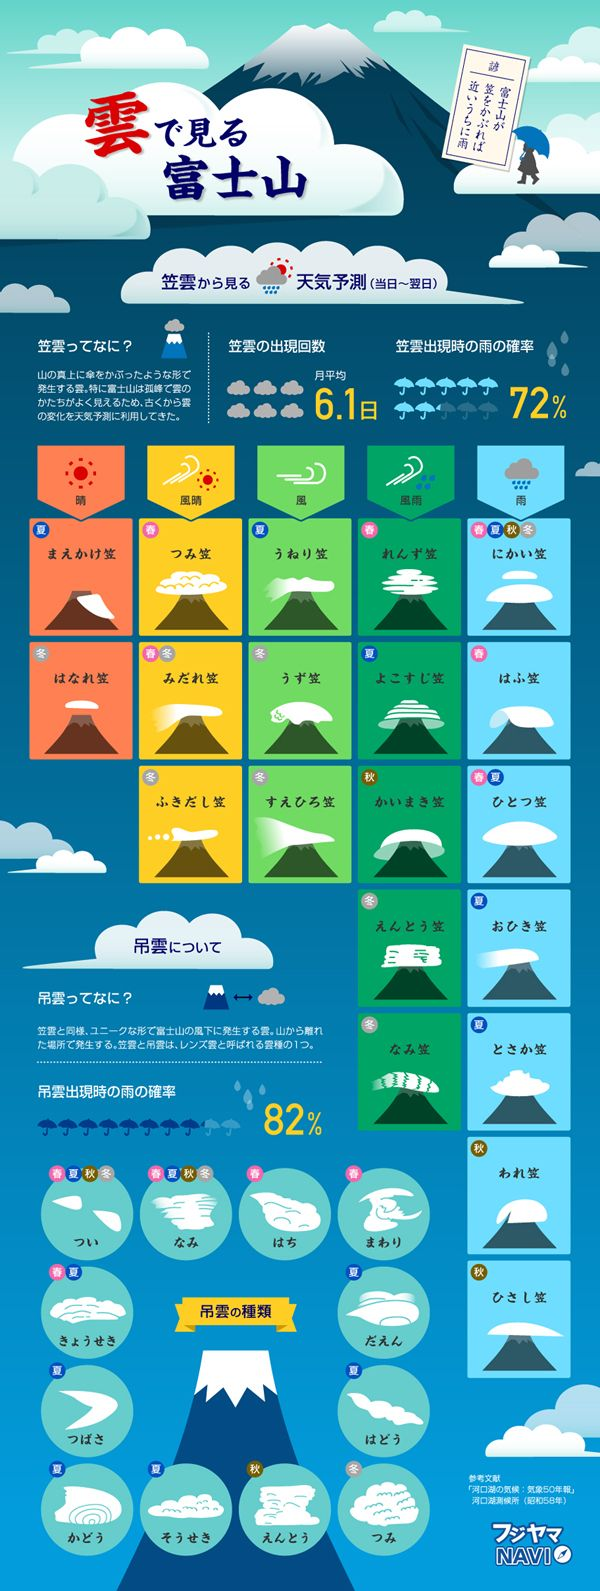 Esquema en el que se representan las nubes que se producen sobre el Monte Fuji. ¿Sabías que se puede predecir el tiempo de acuerdo a su forma?